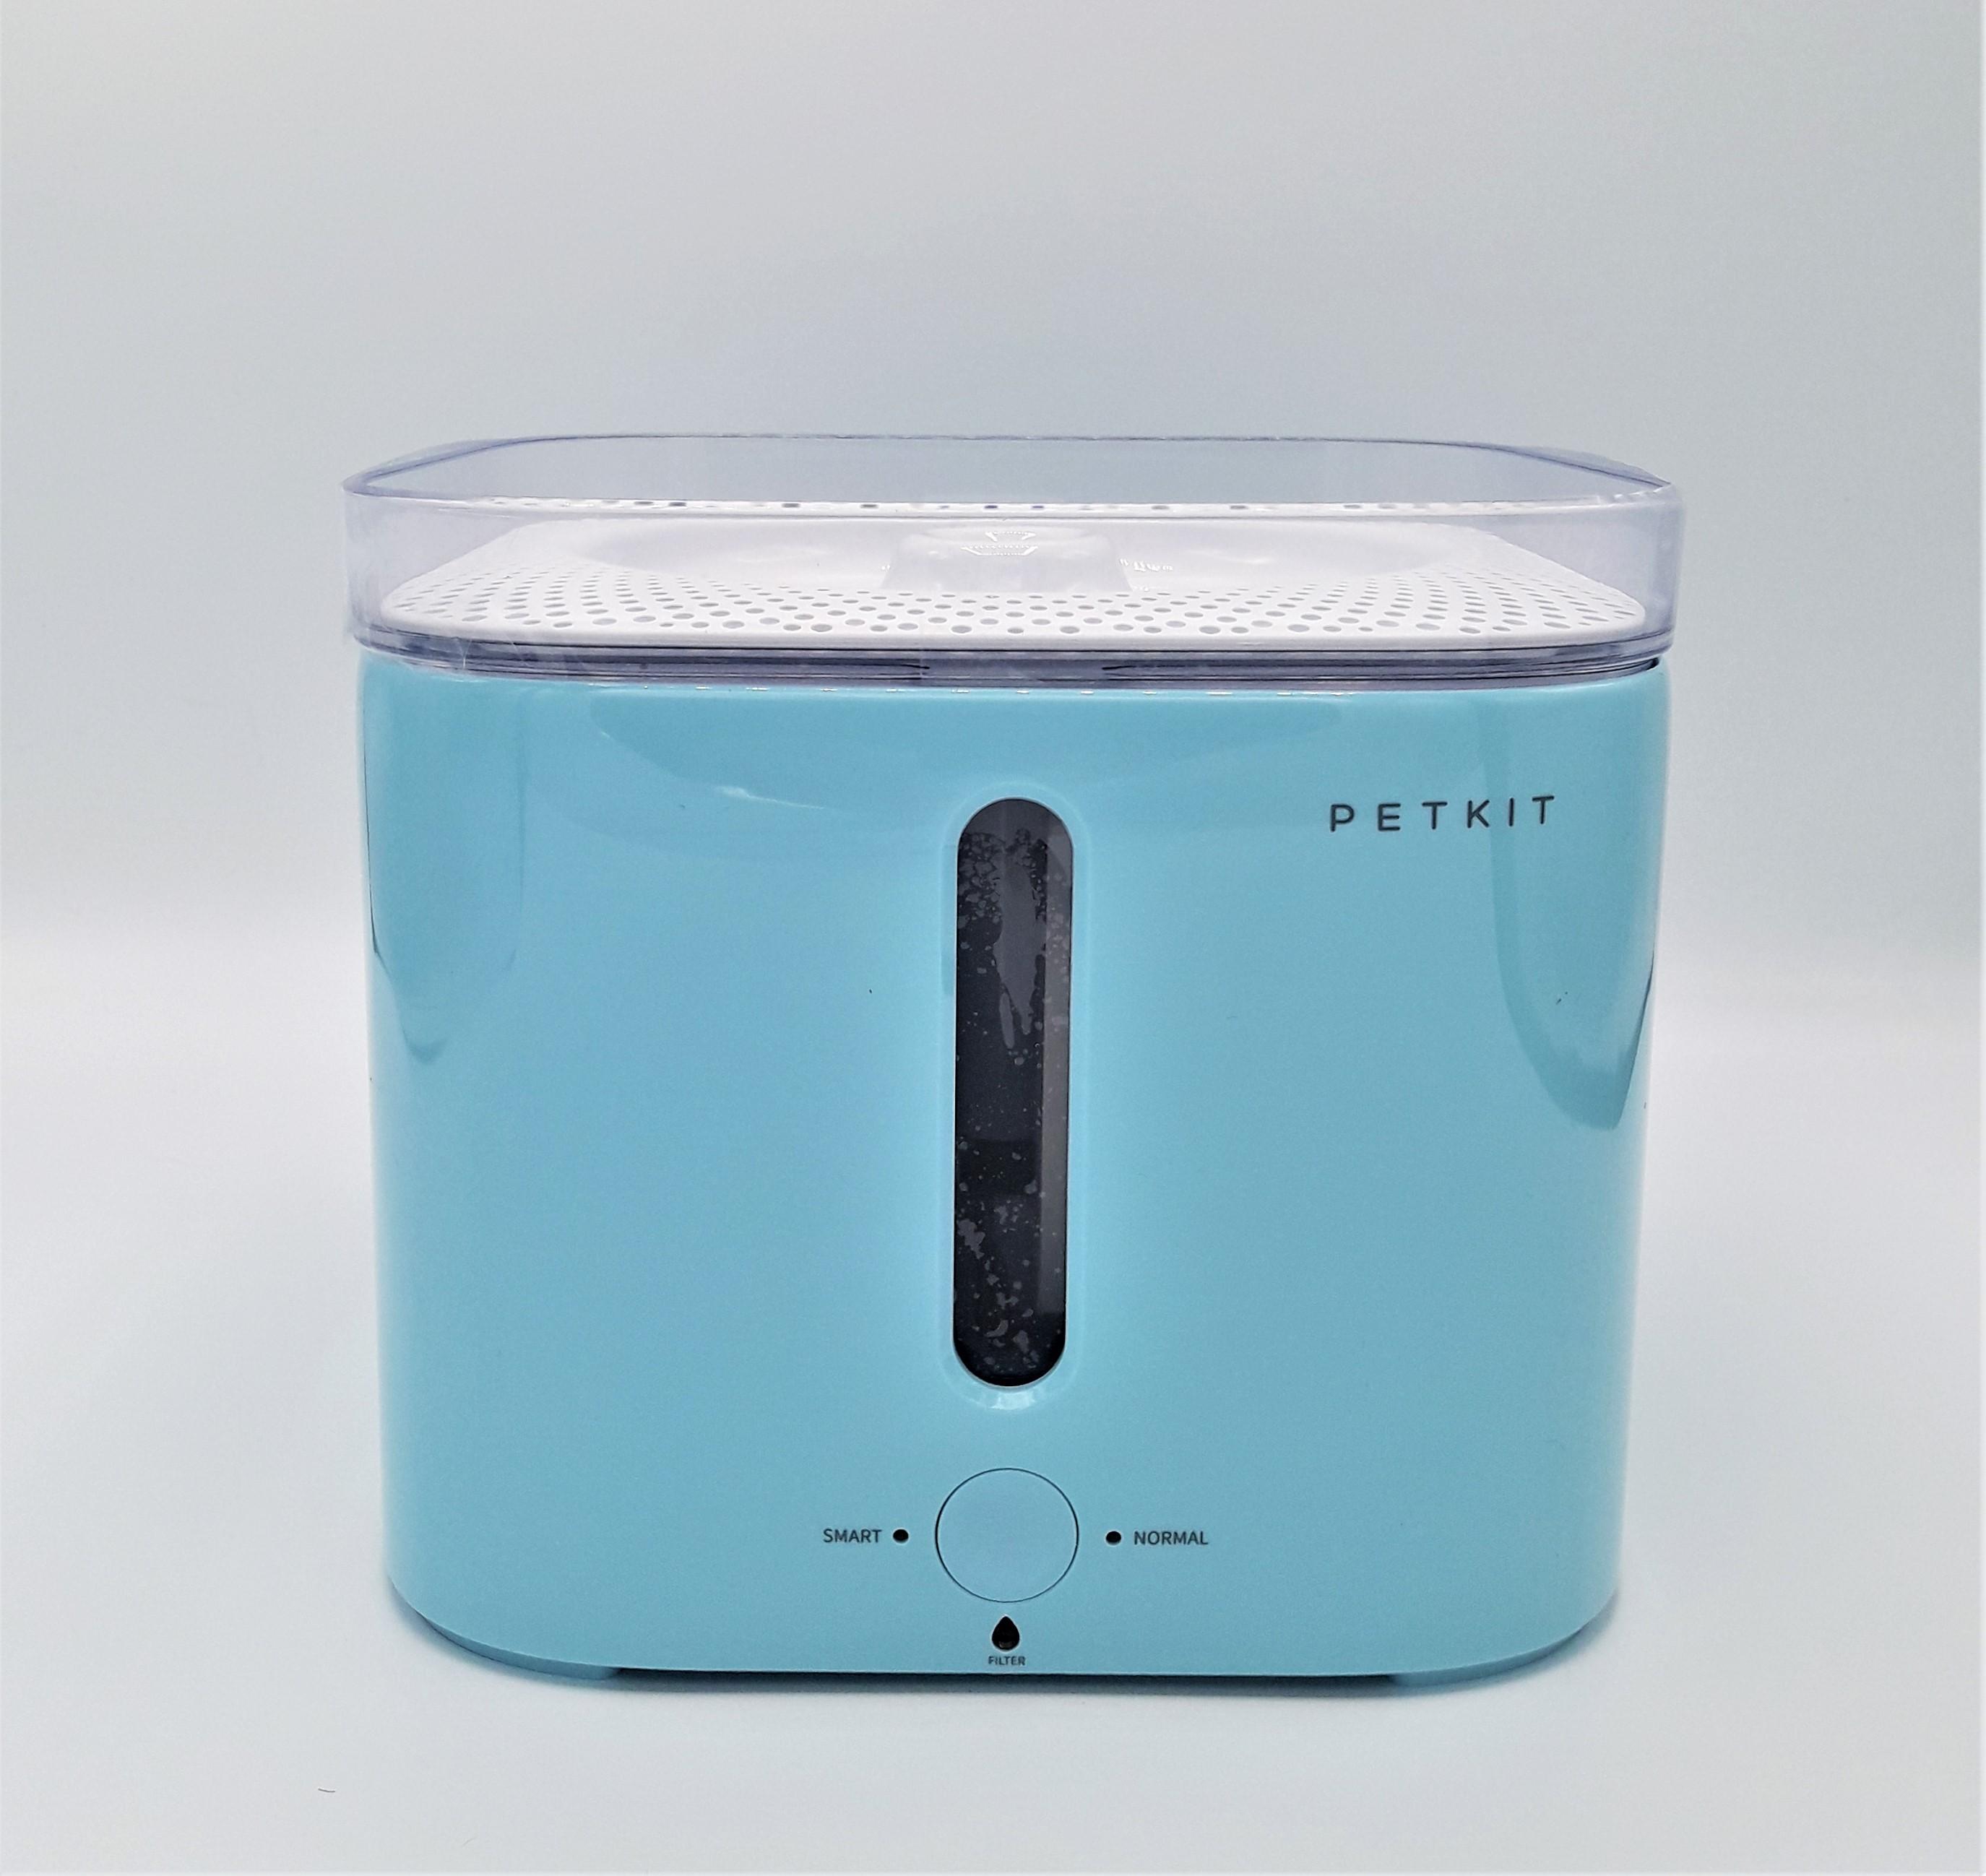 เครื่องให้น้ำสัตว์เลี้ยงน้ำพุแบบกรองน้ำพร้อมระบบอัตโนมัติ PETKIT EverSweetชุดประหยัด สีฟ้า